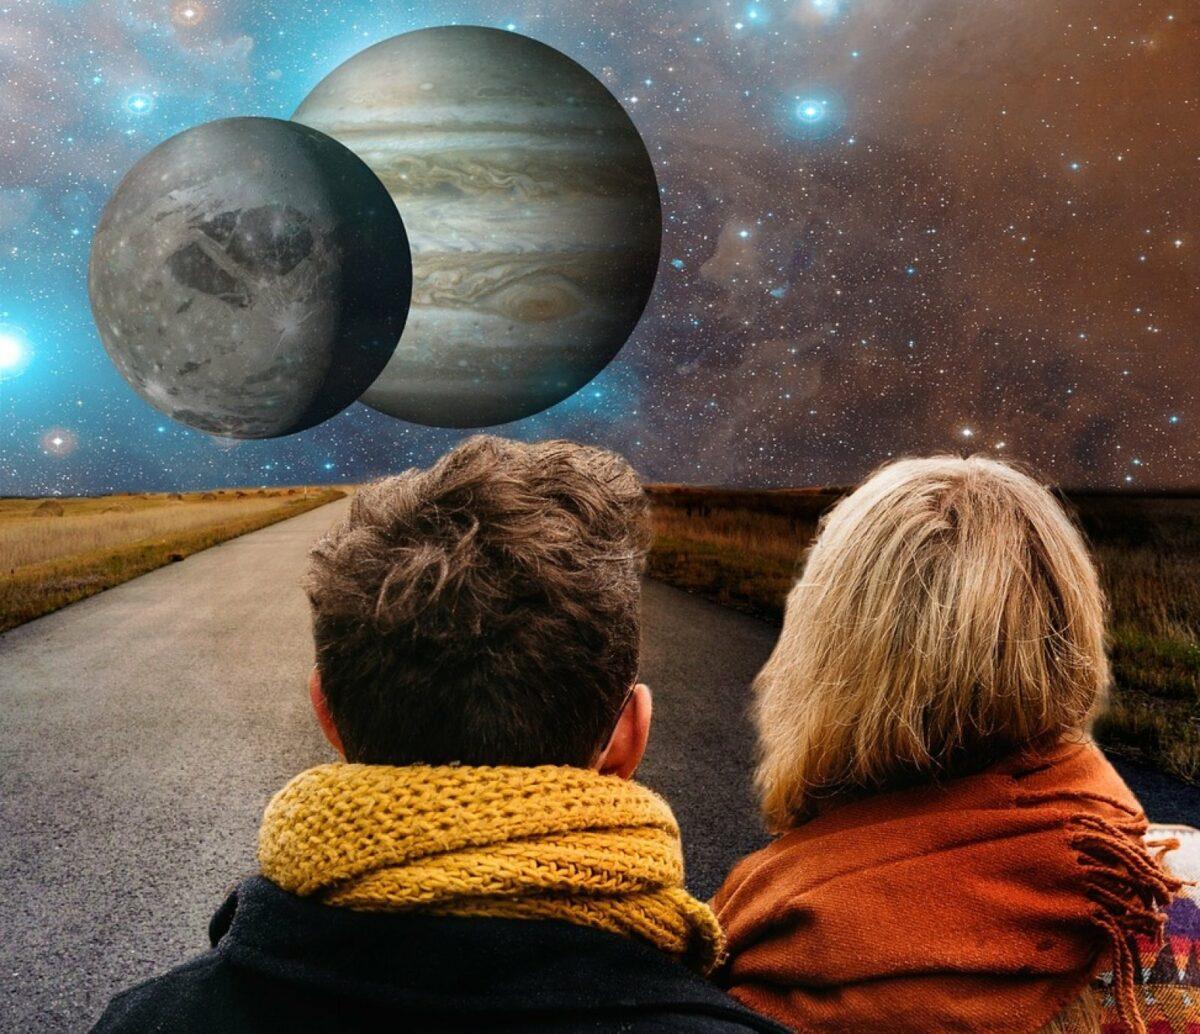 Mann und Frau stehen auf einer Straße und sehen ins All mit zwei Planeten